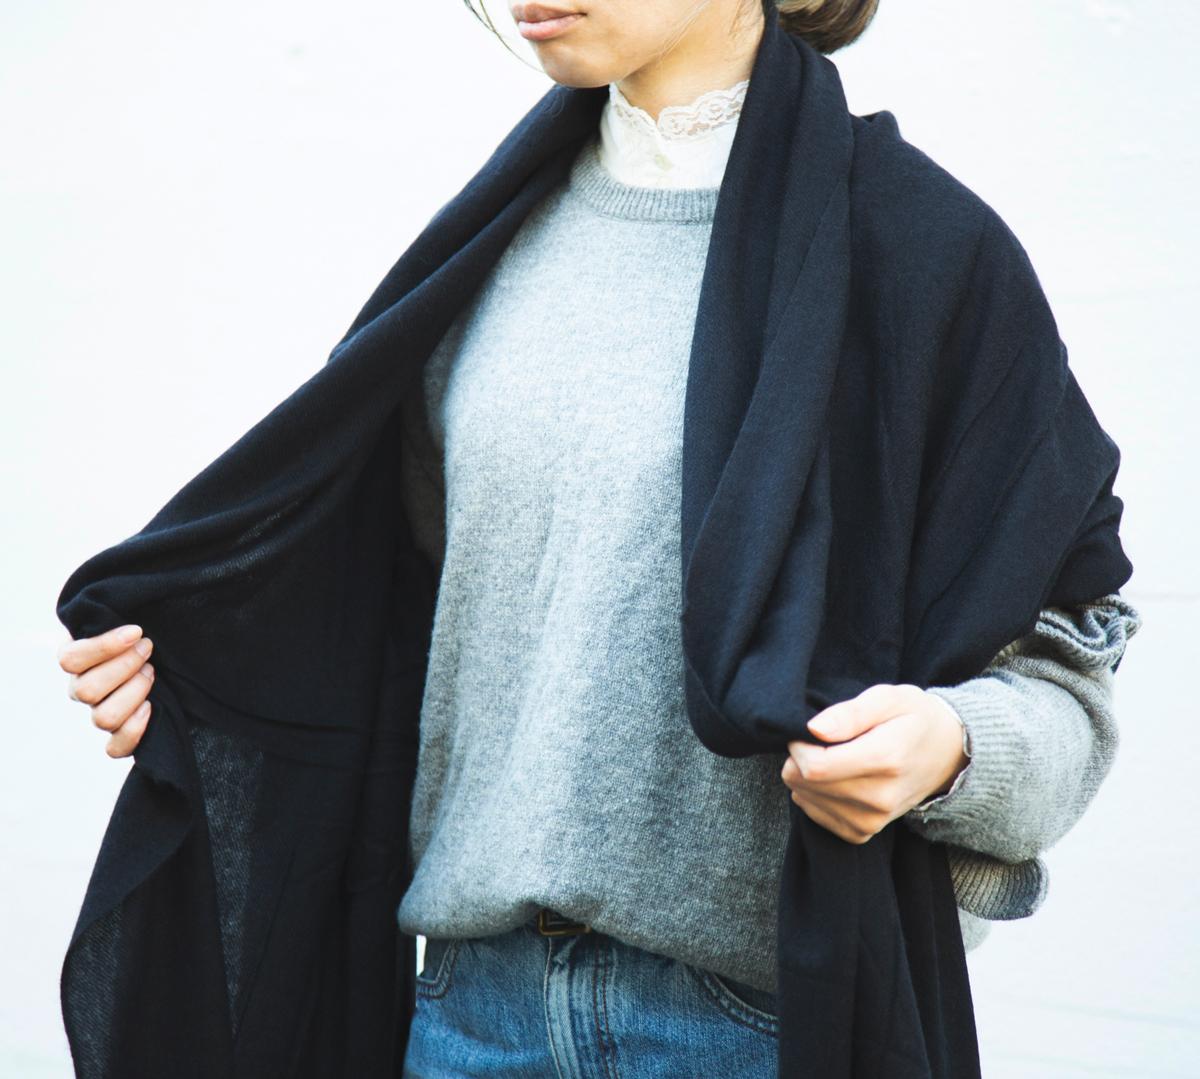 薄くて軽い、心地よい暖かさ(温かさ)が続く。巻いても羽織ってもお洒落な超大判カシミアストール|ADOS(エイドス)curum